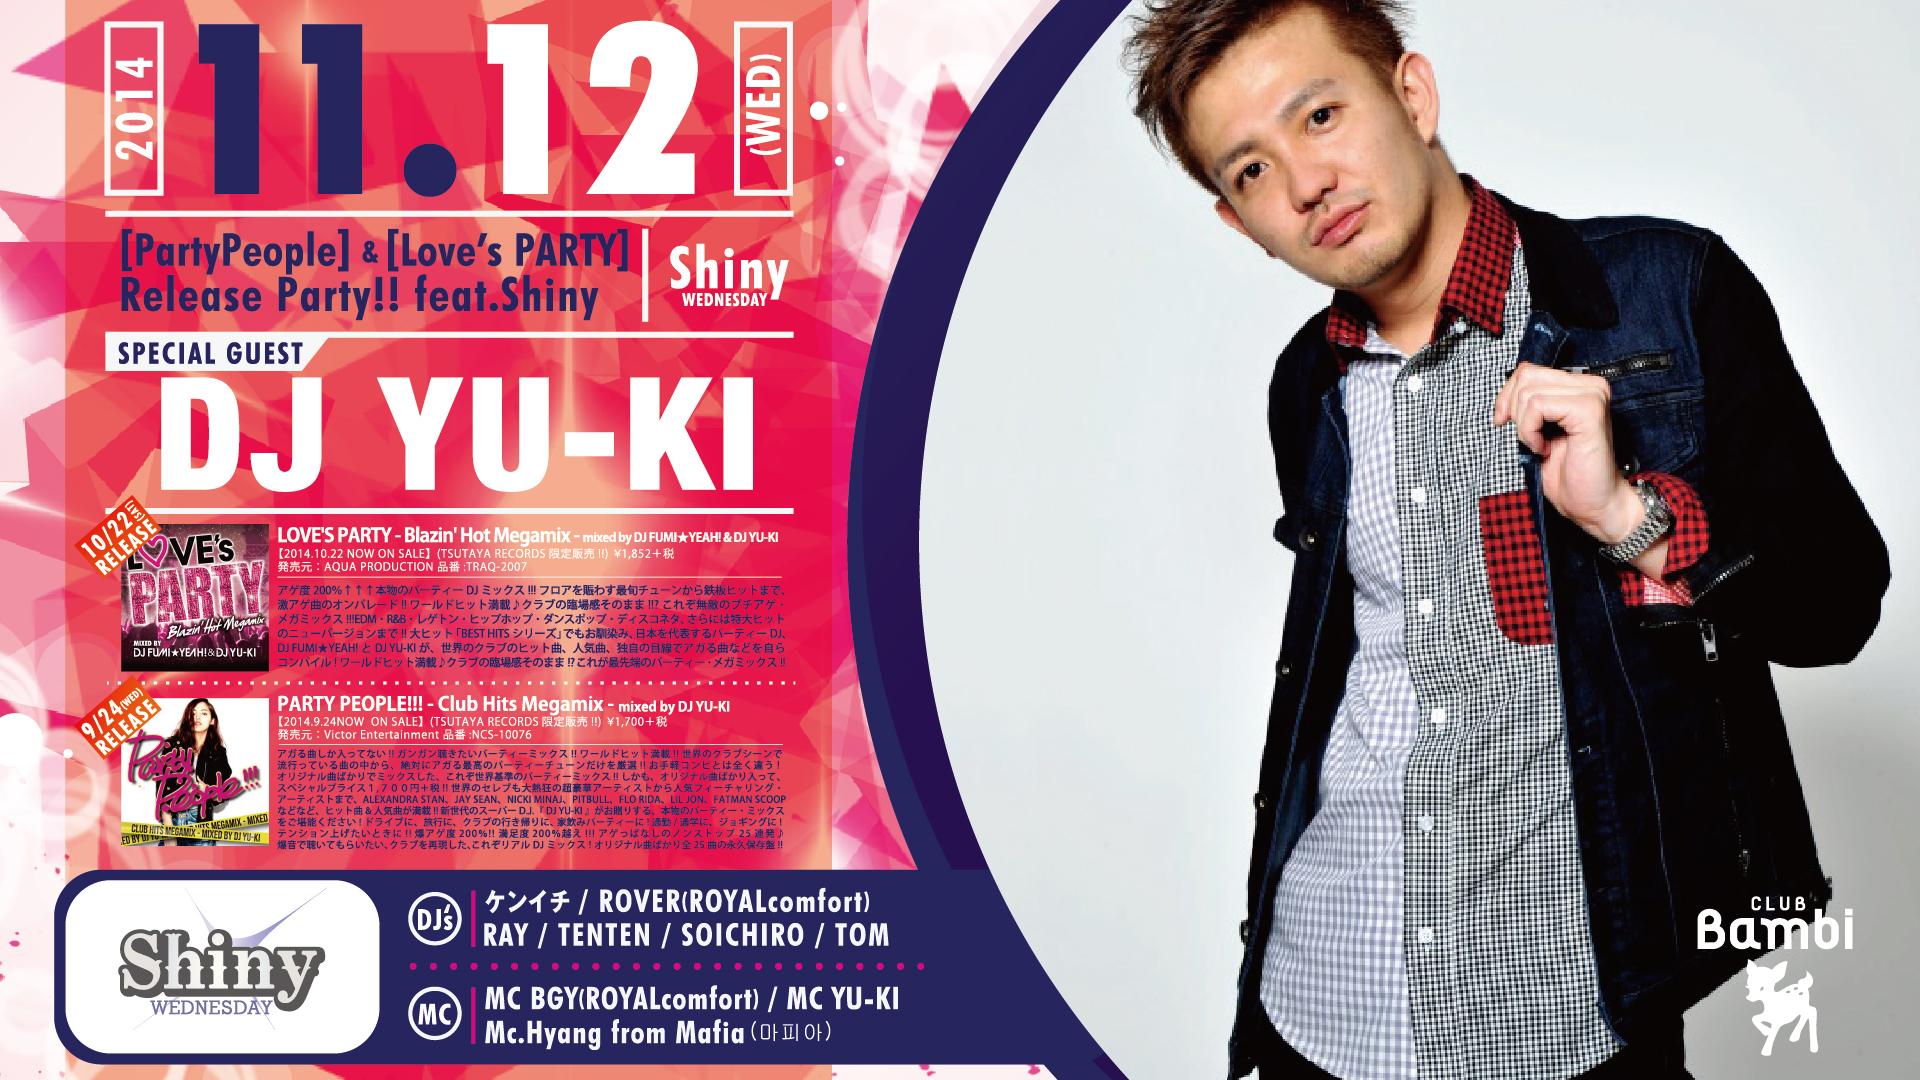 1112_DJ-YU-KI_1920